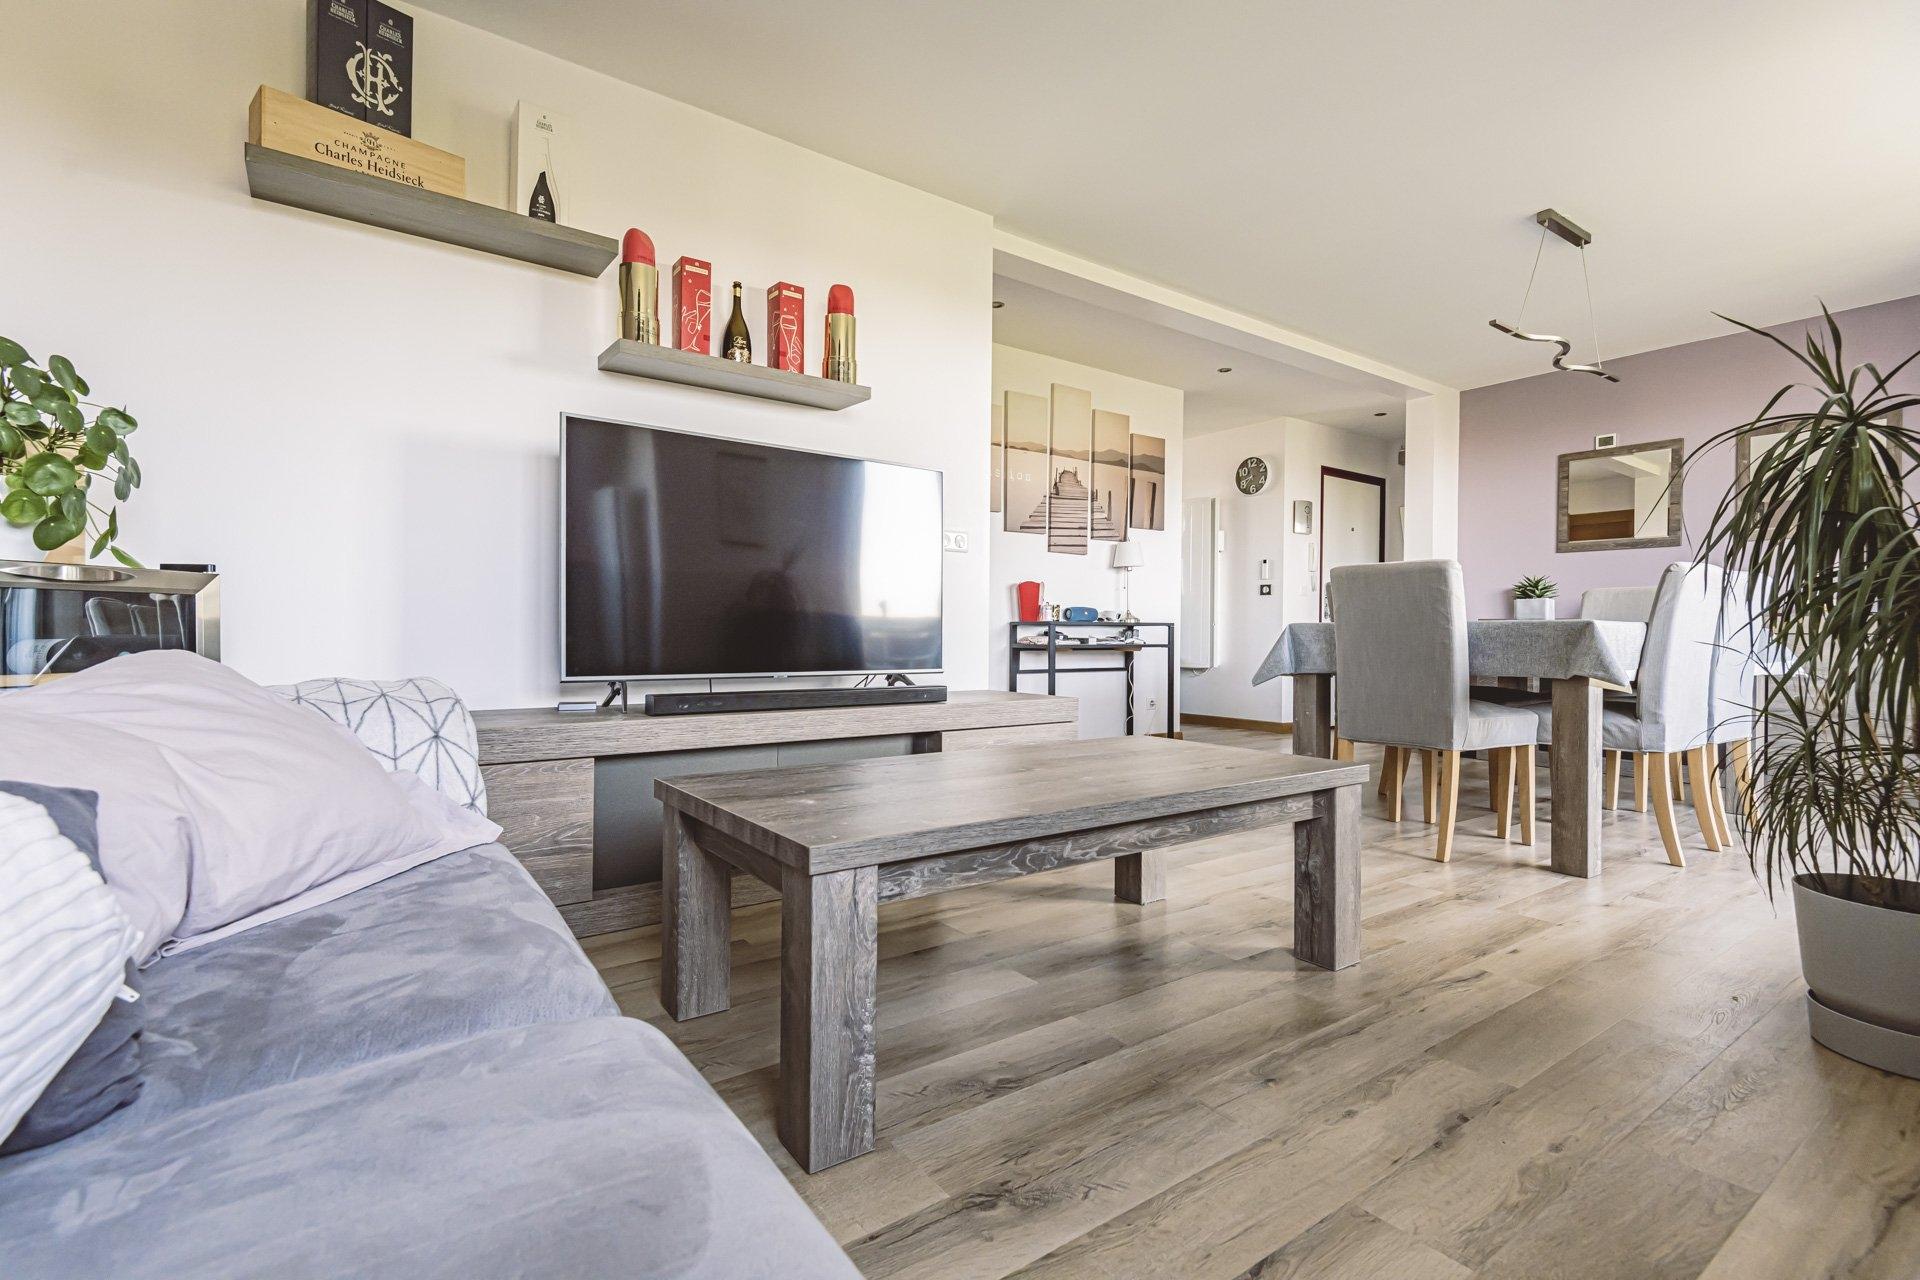 Appartement Tinqueux 4 Pièces 61.88 m2 - Balcon - 2